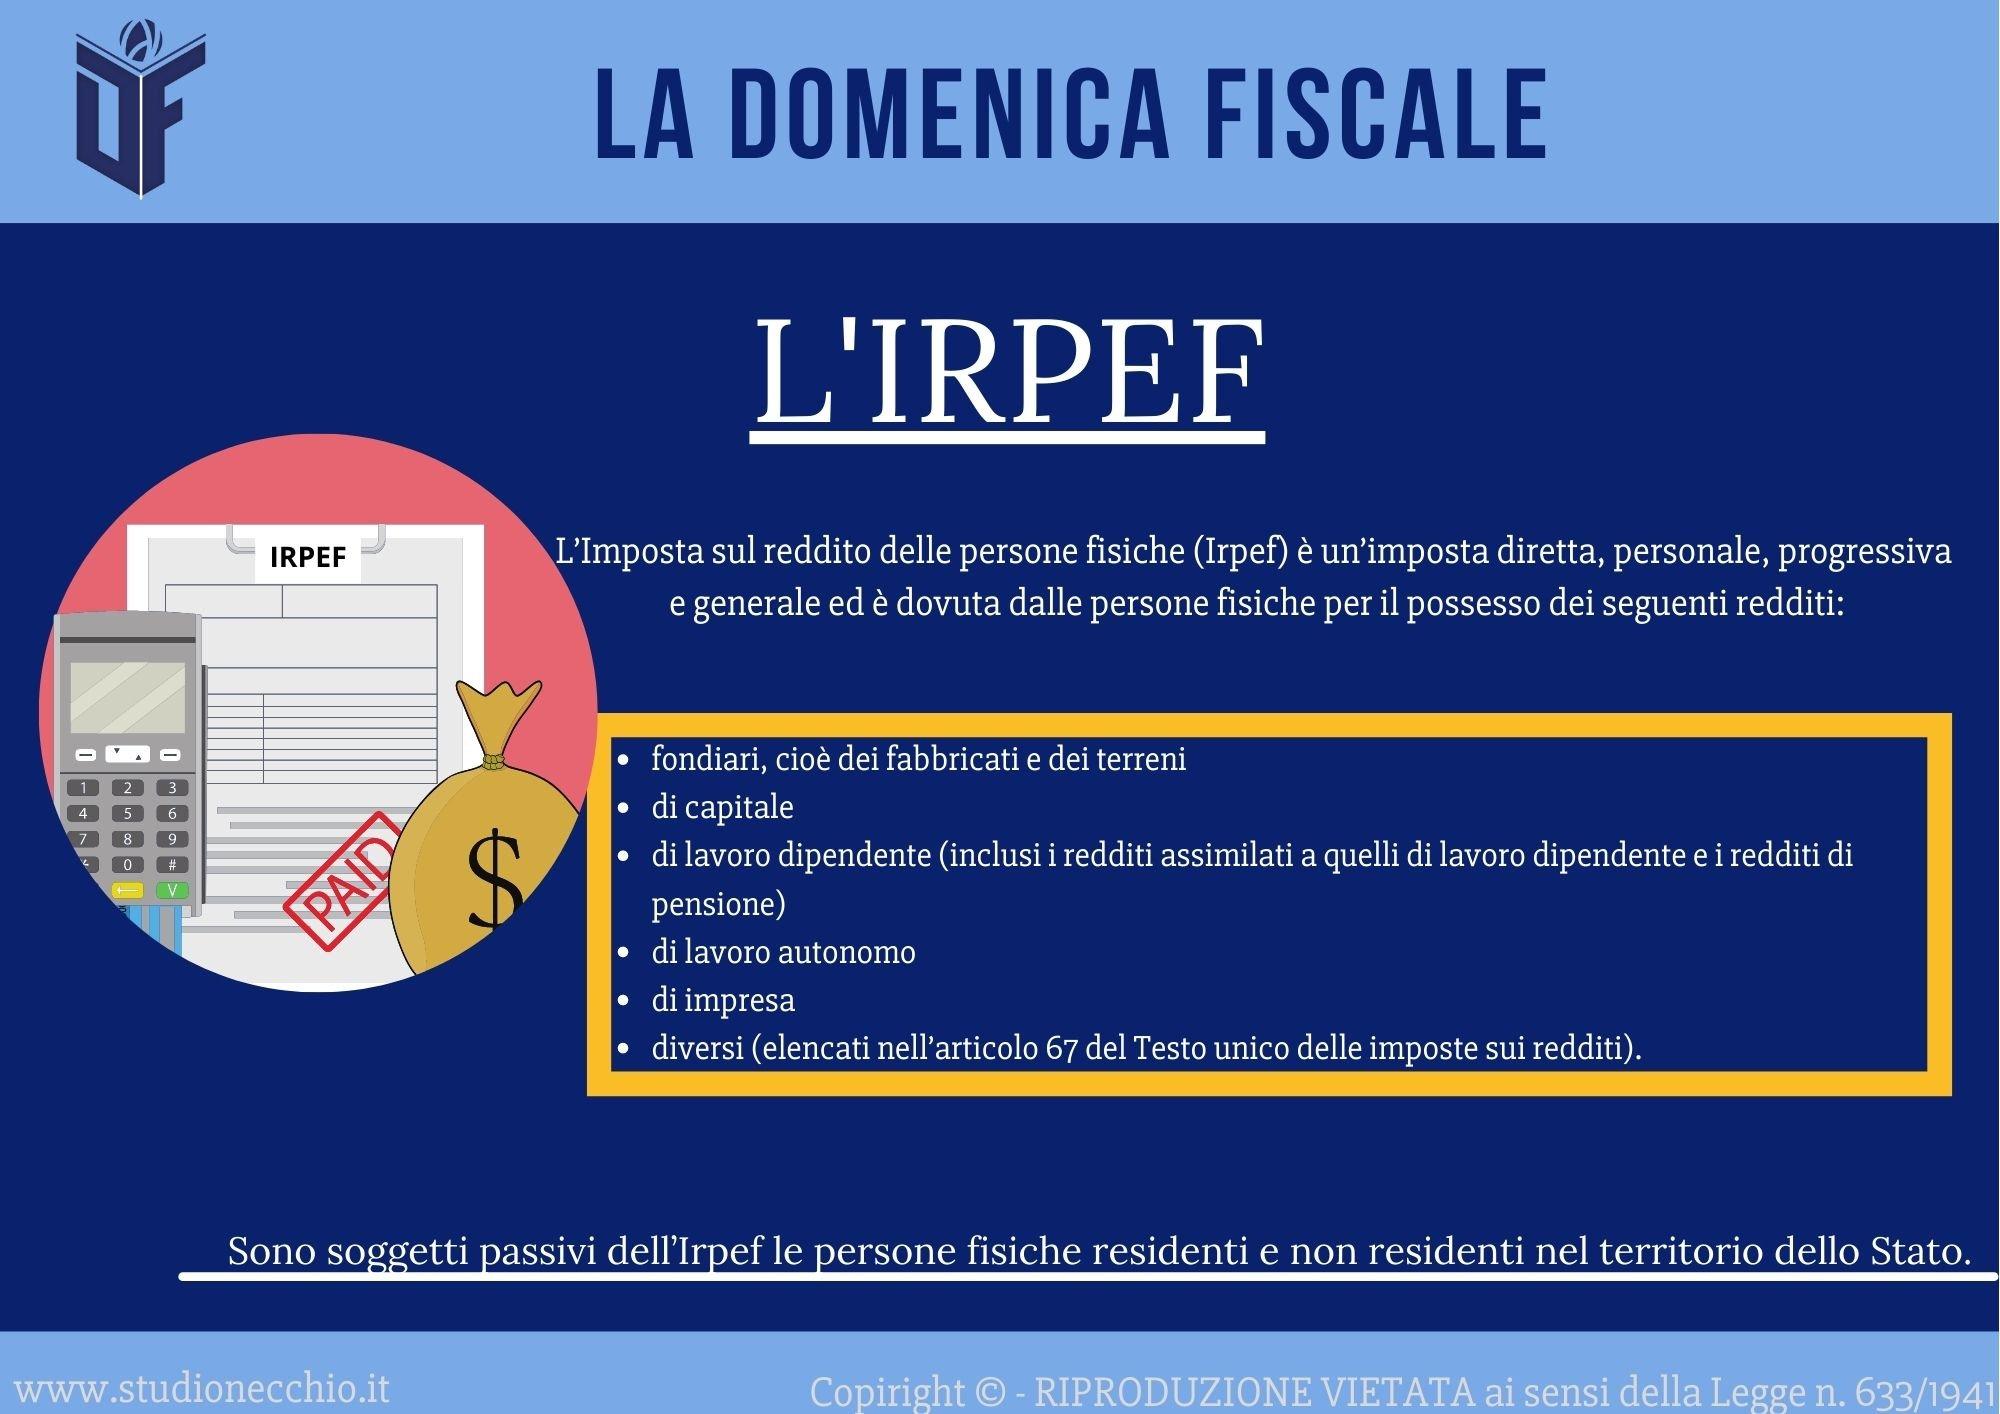 La Domenica Fiscale – L'IRPEF